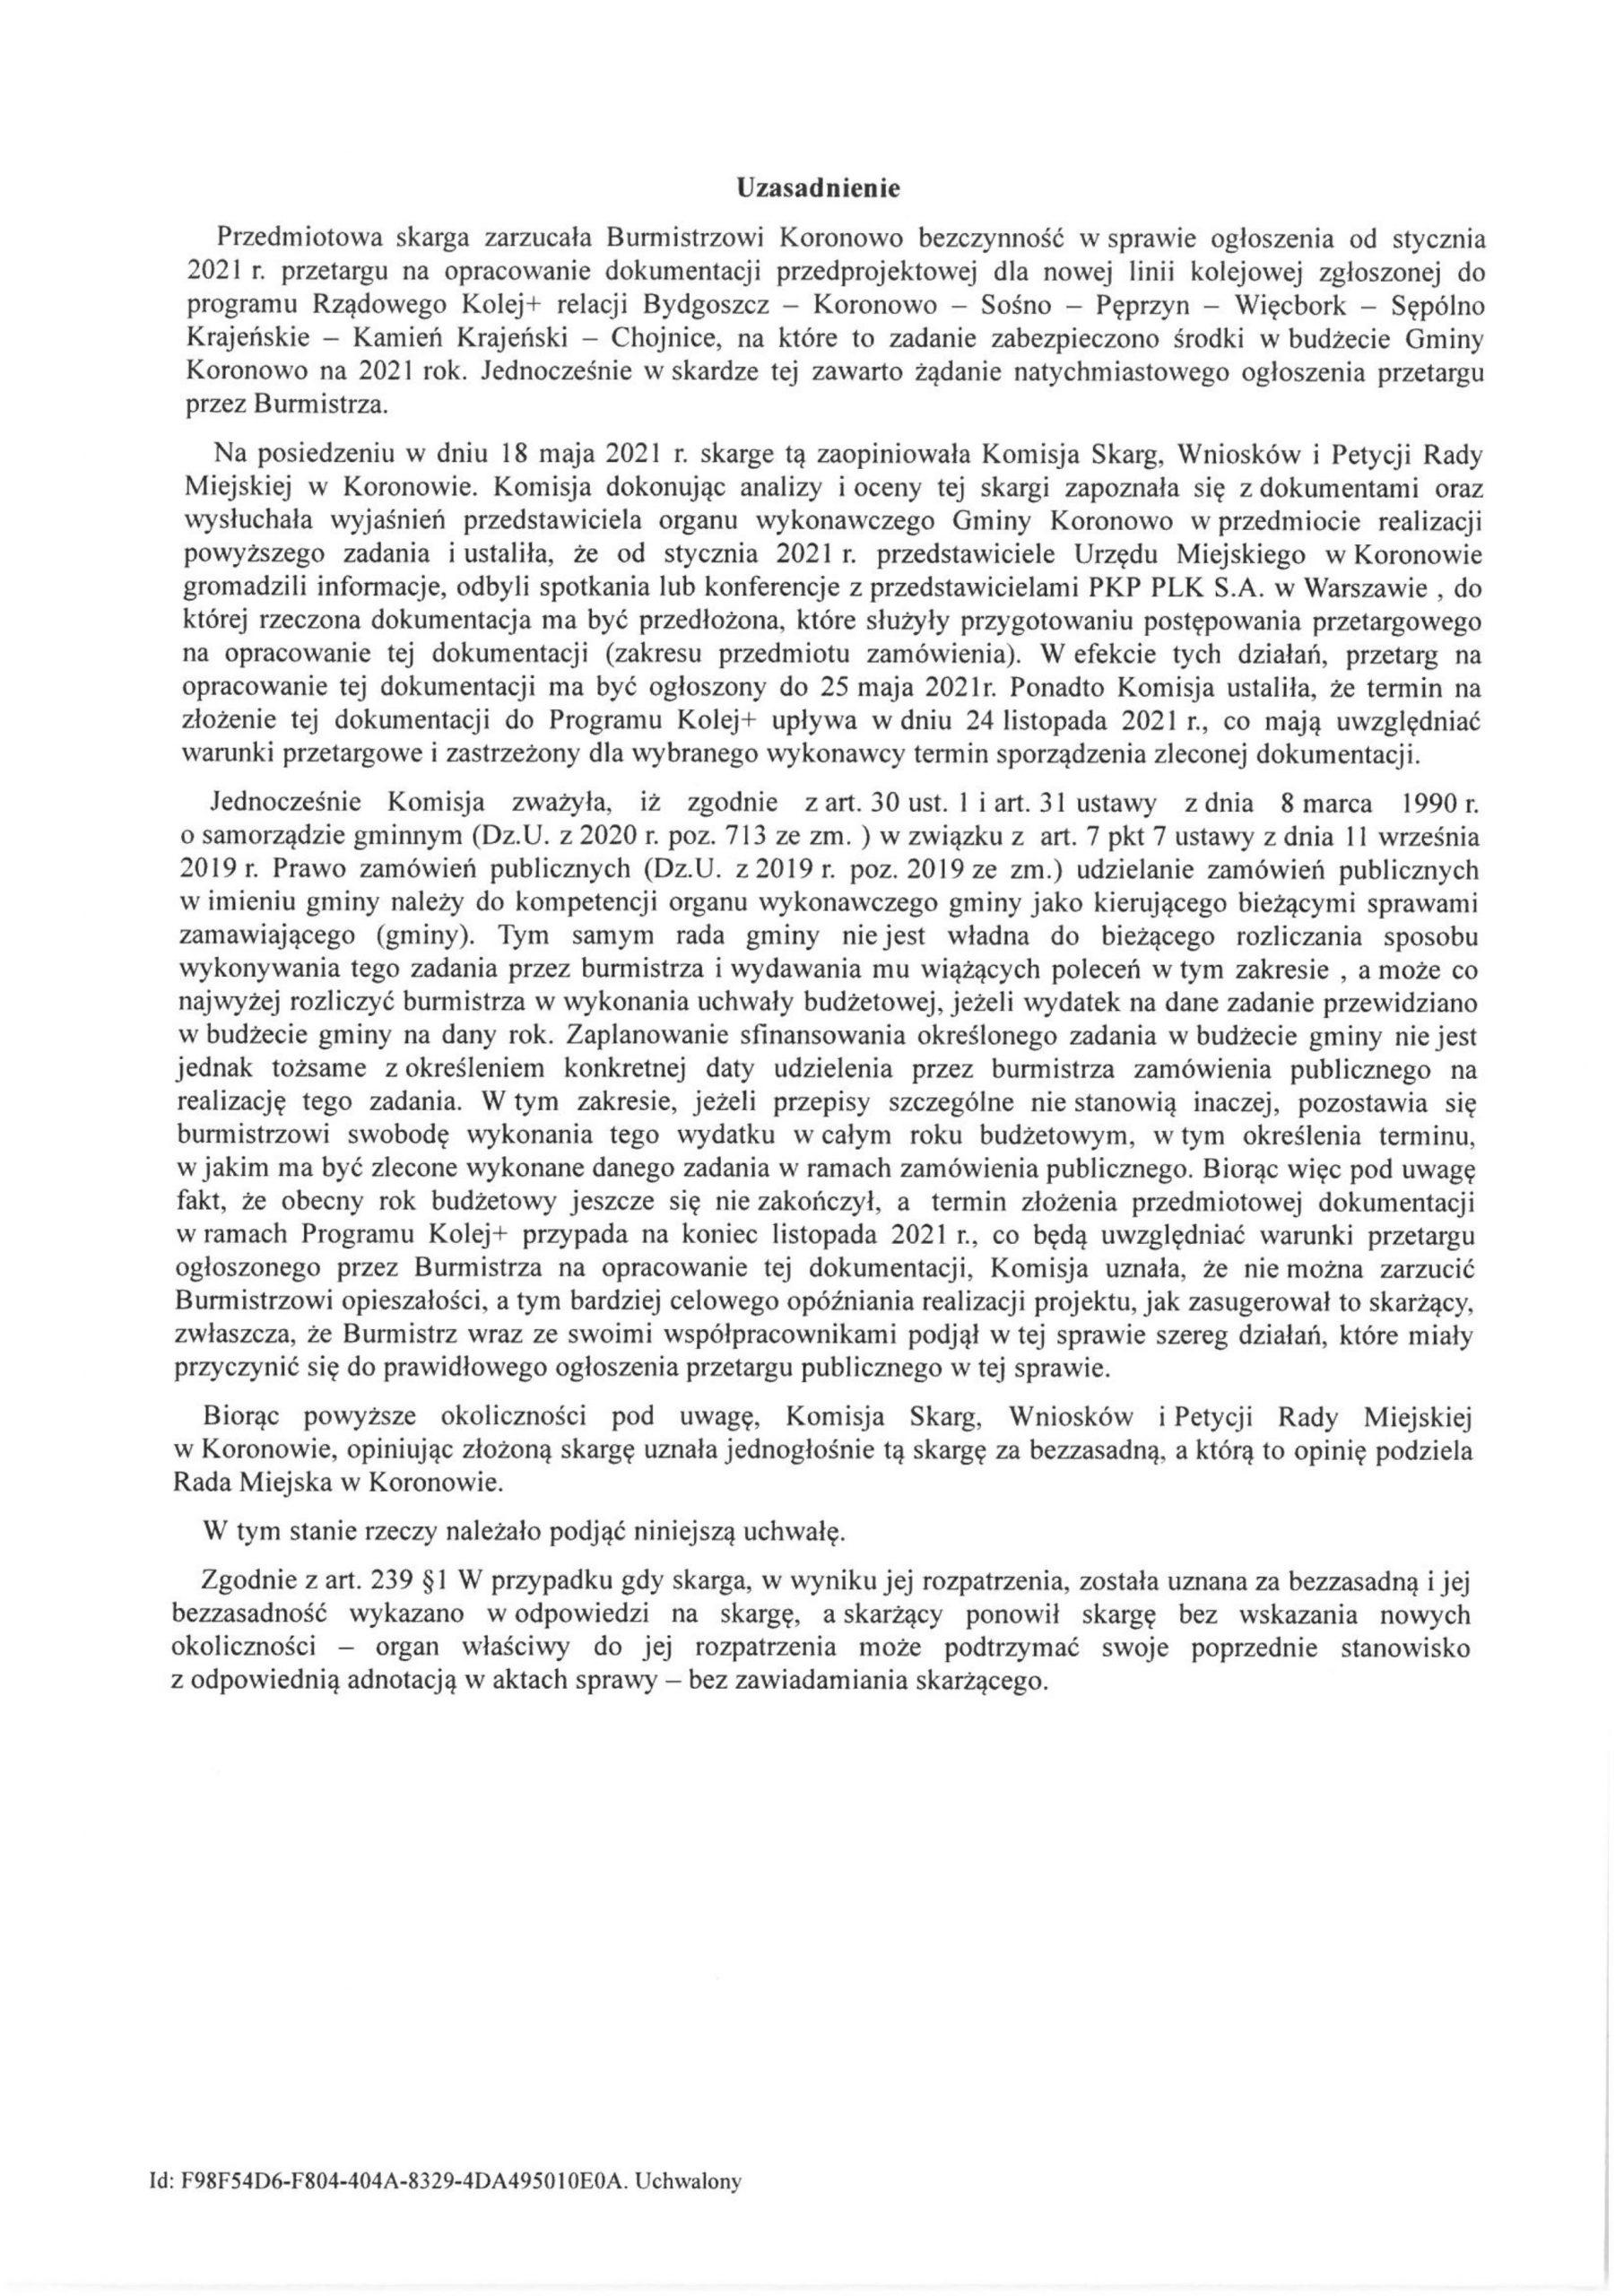 W załączeniu projekt uchwały Rady Miejskiej Koronowa przygotowany namójwniosek Tomasza Romana Bracka najutrzejszą sesję 26 maja 2021 r. wsprawie budowy nowego połączenia kolejowego relacji:Bydgoszcz - Koronowo - Sośno - Pęperzyn - Więcbork Sępólno Kr. - Kamień Kr. Chojnice ! Dla tejw/w linii kolejowej przetarg naopracowanie dokumentacji technicznej zostanie ogłoszonych dodziś 25 maja 2021 r. wUM wKoronowie, co wynika wprost zuzasadnienia w/w uchwały, którą podejmie jutro RM Koronowa. Wartość inwestycji 700 000 000 zł - Tomasz Toman Bracka